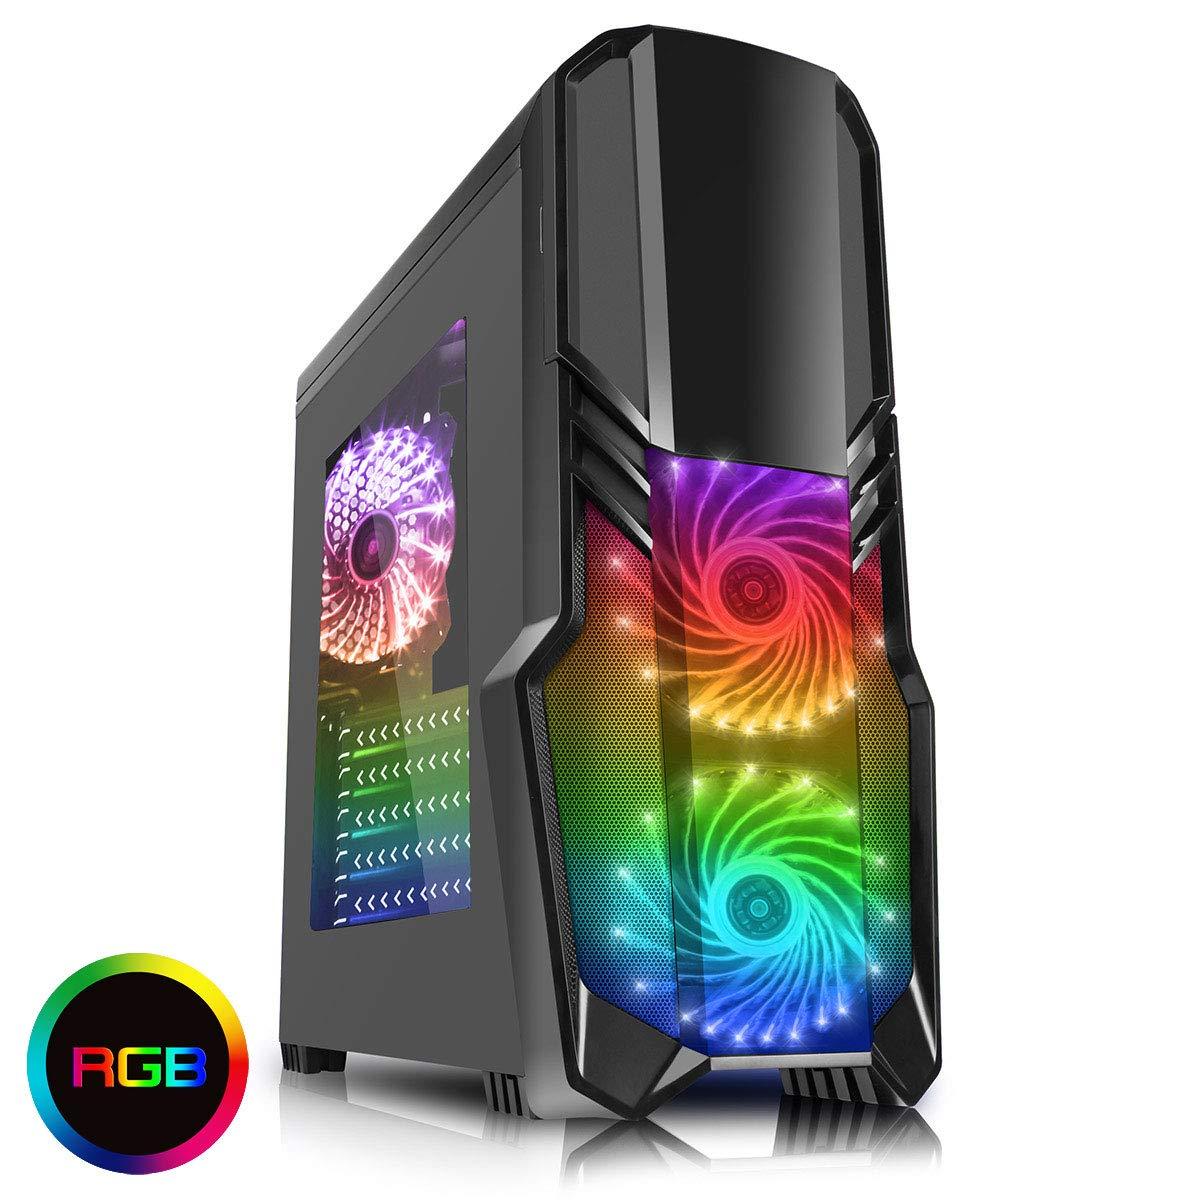 CiT G Force - Alloggiamento per PC per videogiochi, con ventola a 15 LED blu frontale nero Blk RGB